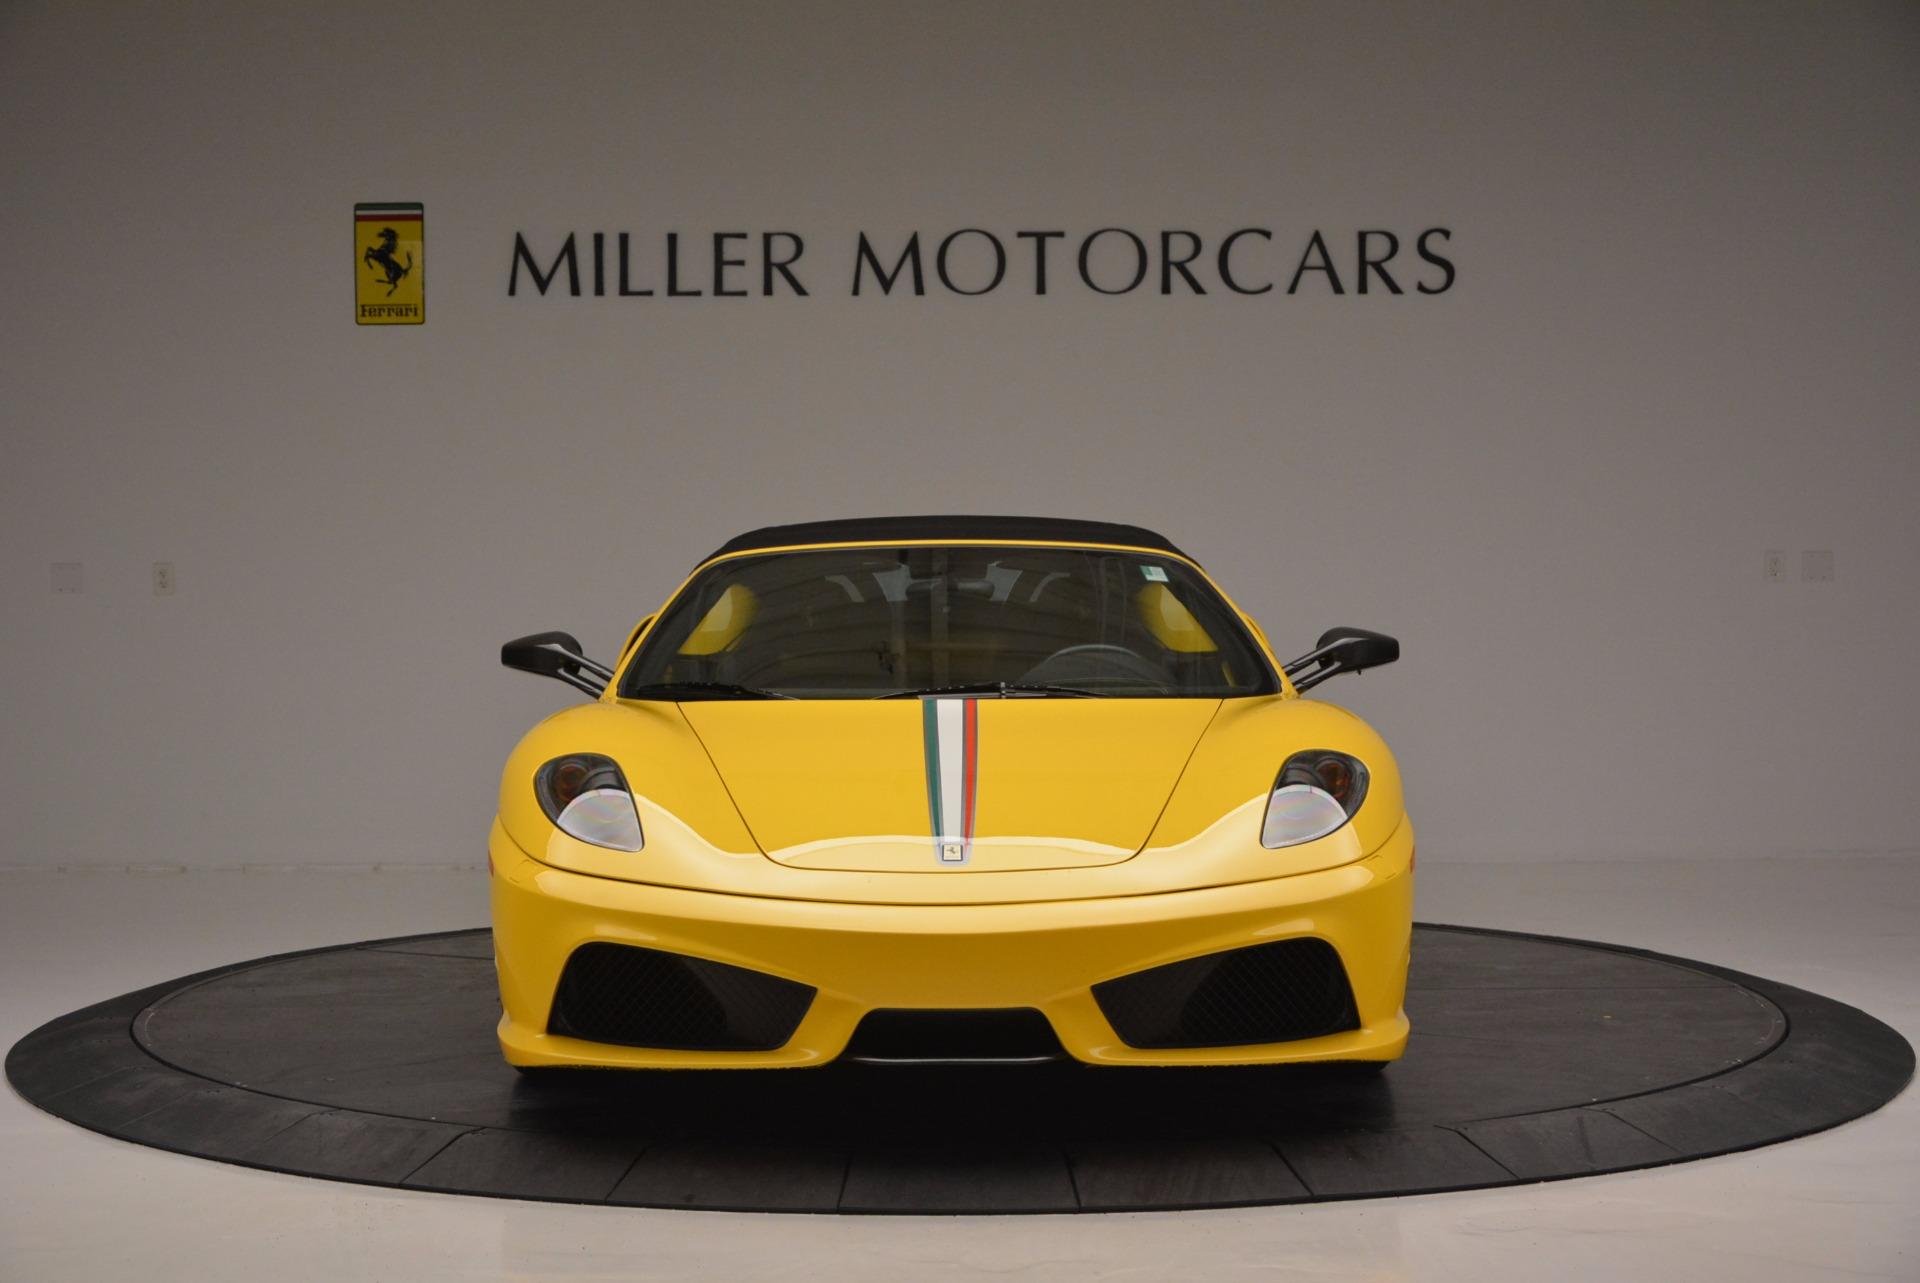 Used 2009 Ferrari F430 Scuderia 16M For Sale In Greenwich, CT. Alfa Romeo of Greenwich, 4369 856_p24